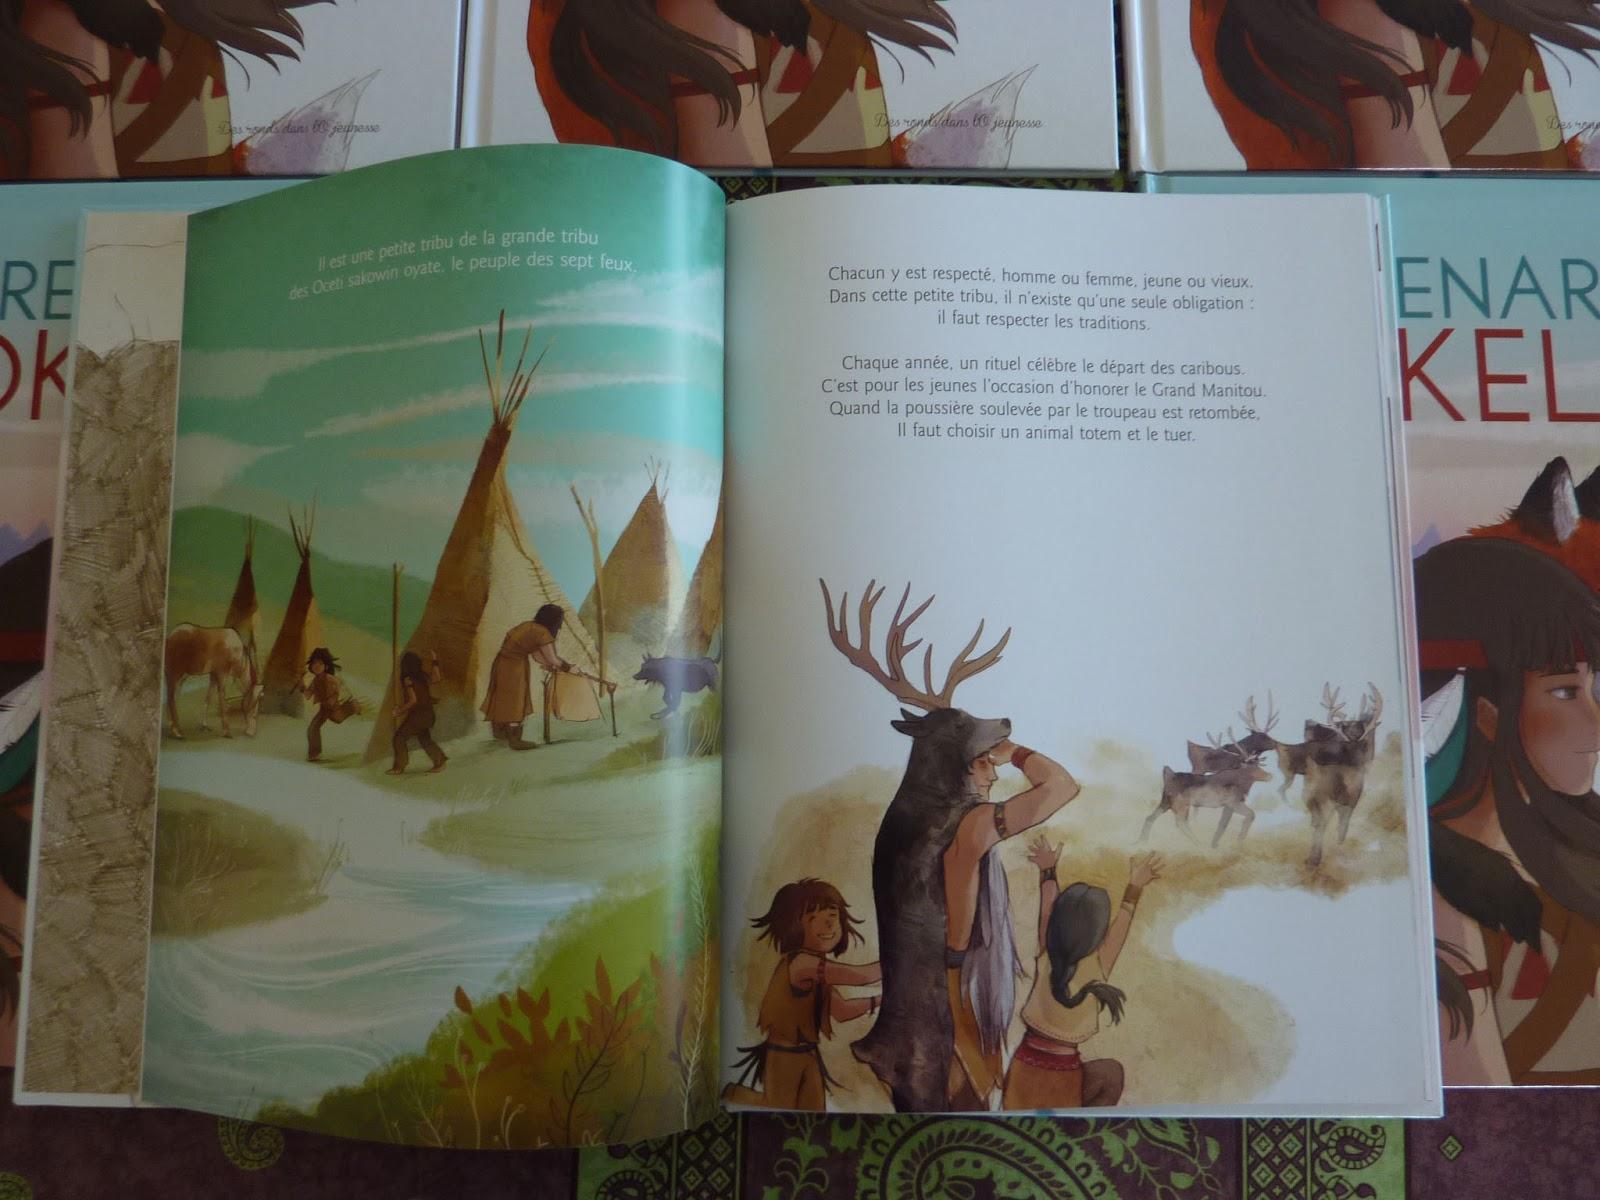 Le renard Tokela, de Pog et Marianne Alexandre - Voir les 3 photos (sur le blog)